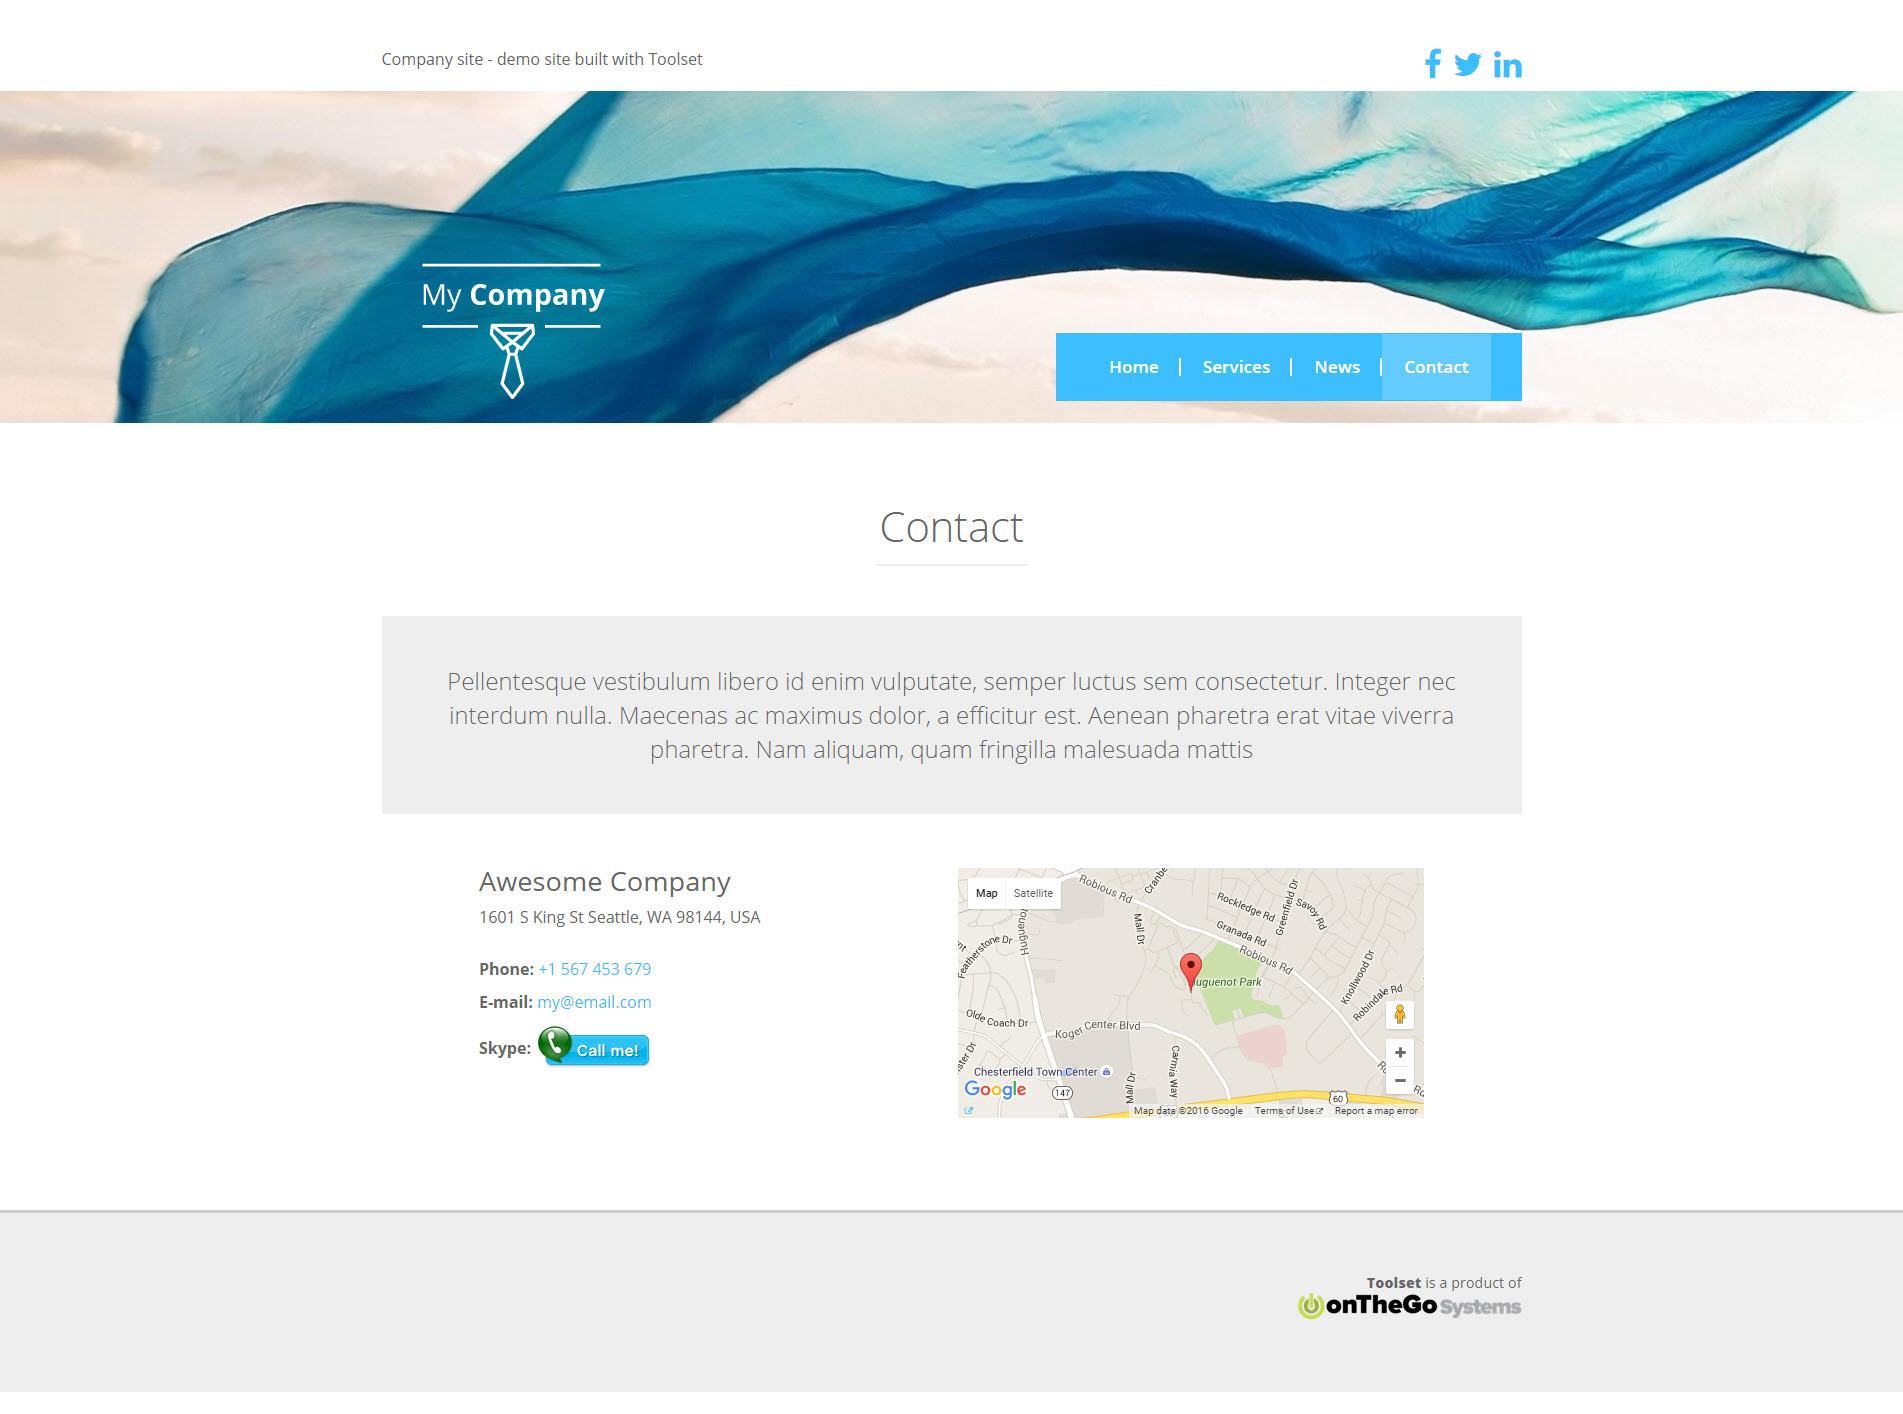 Una dirección en una página de contacto